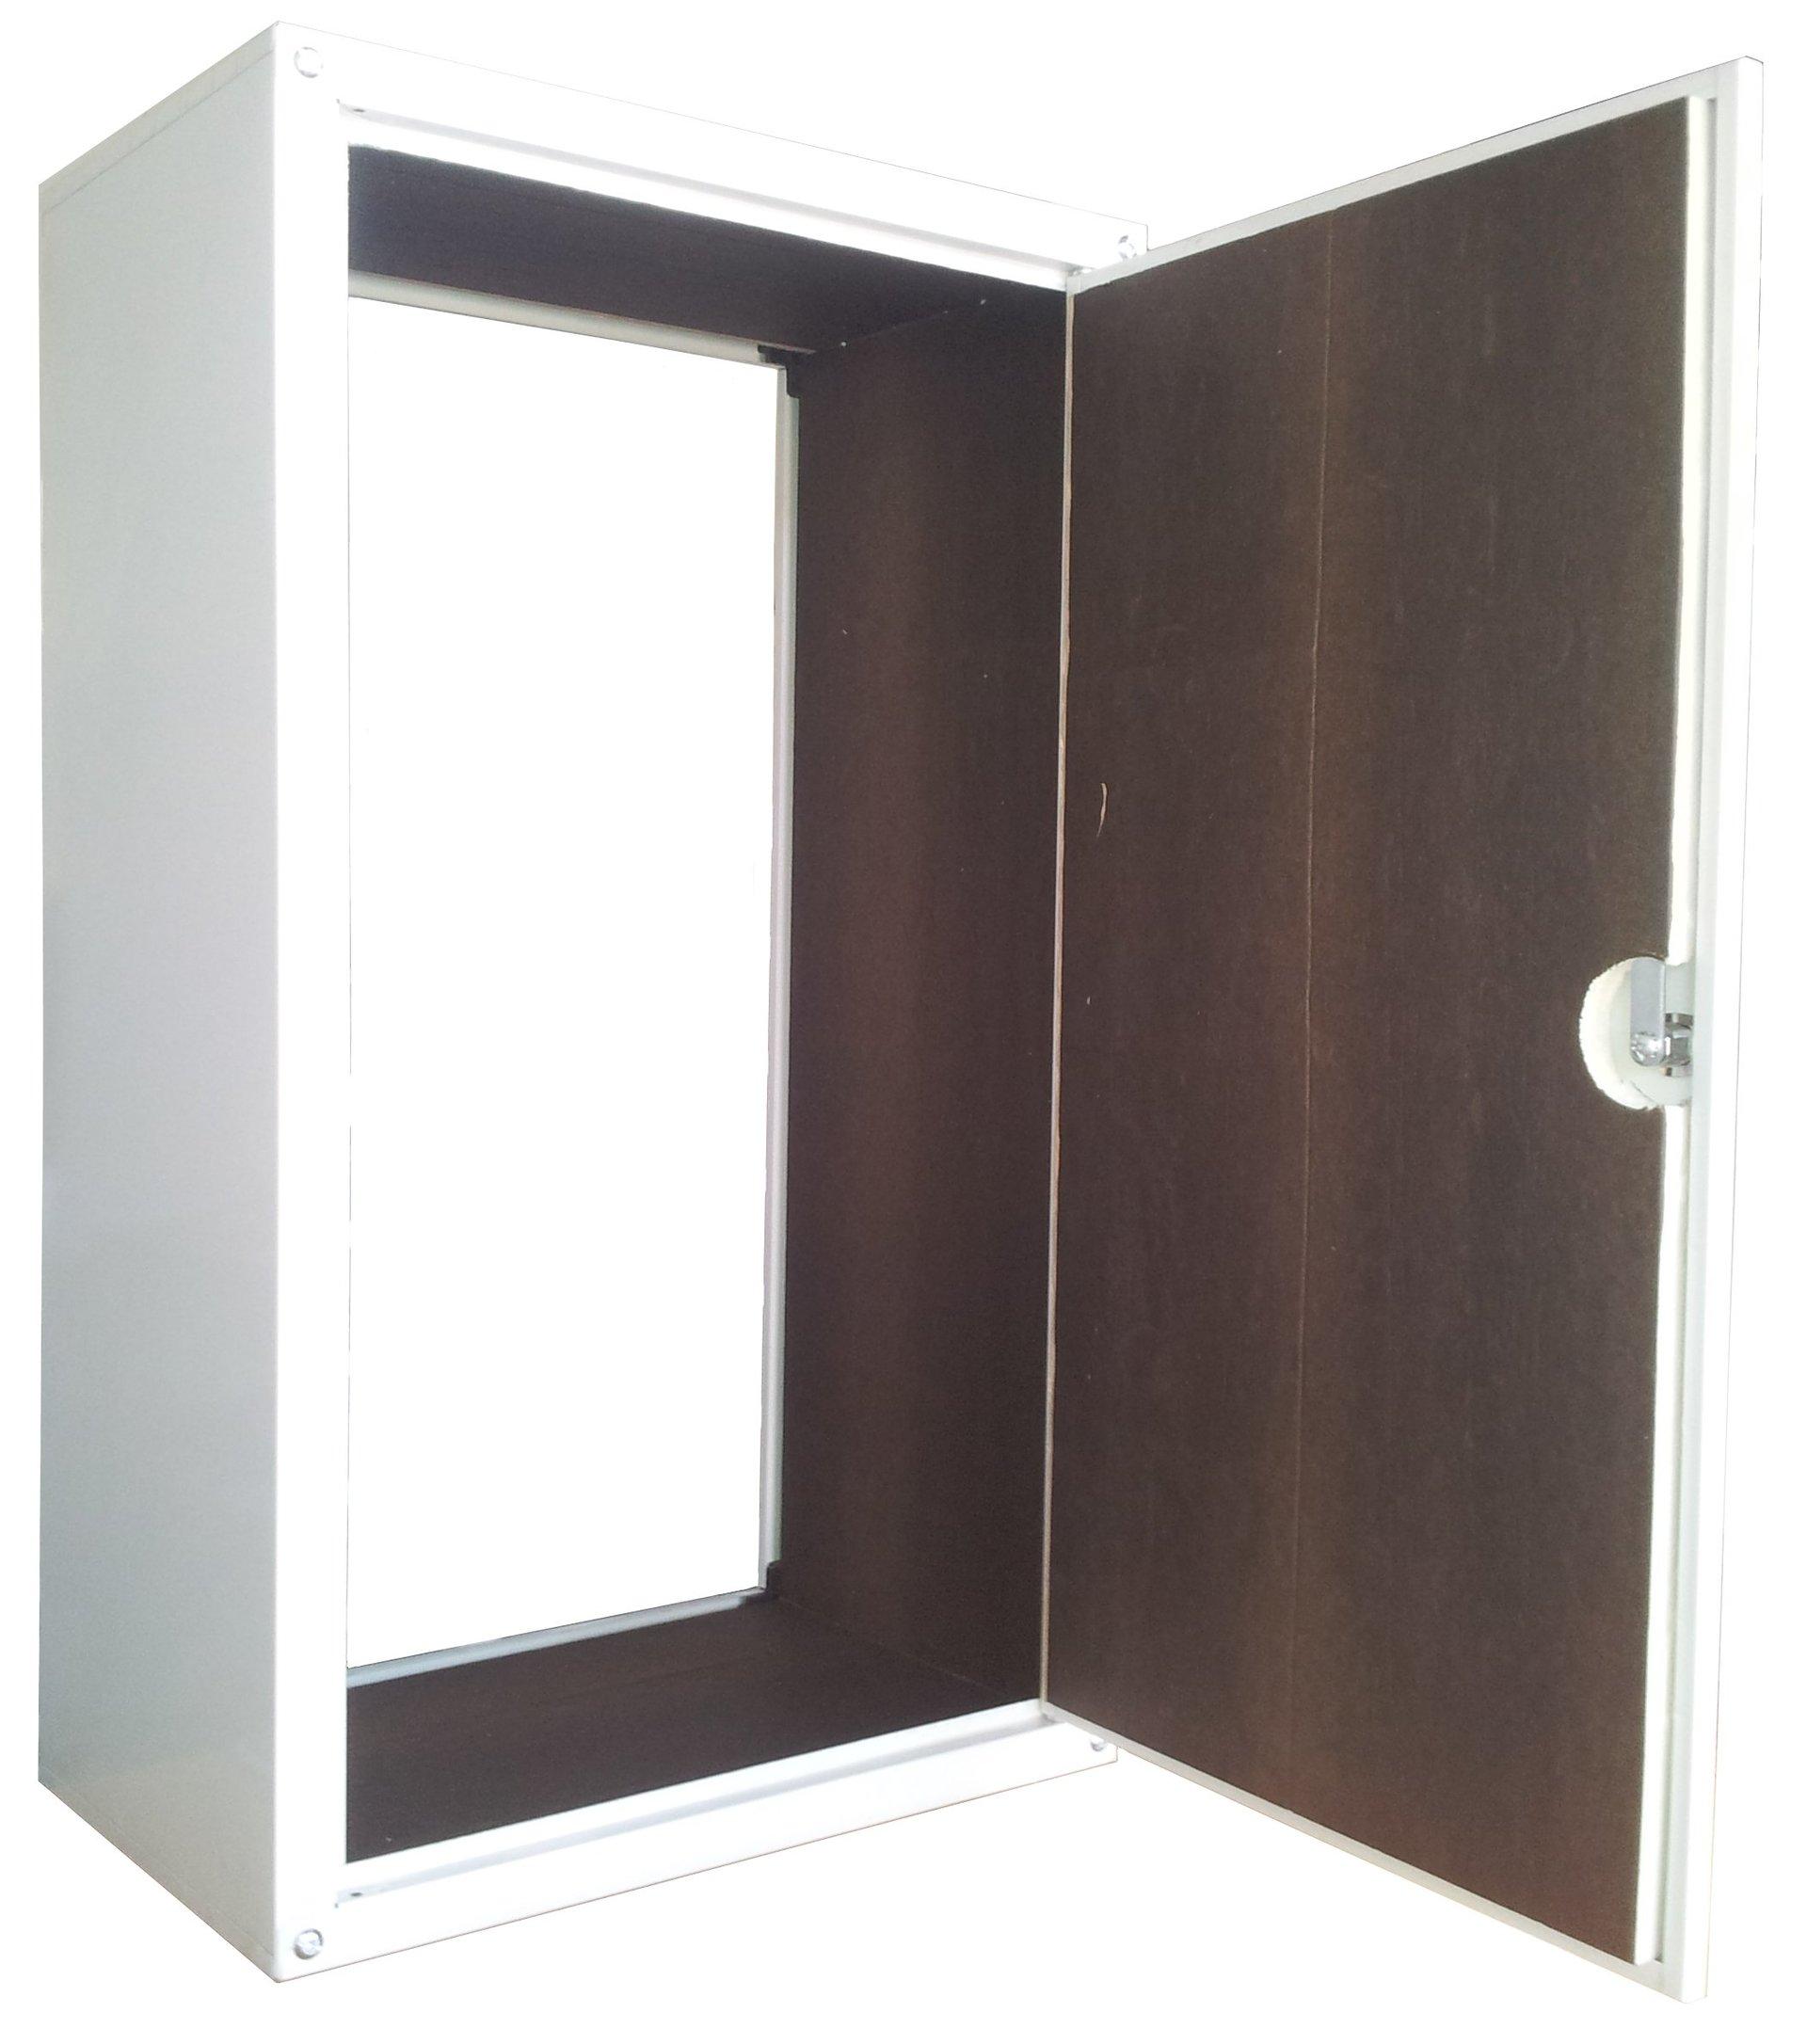 Copricaldaia con interni in legno